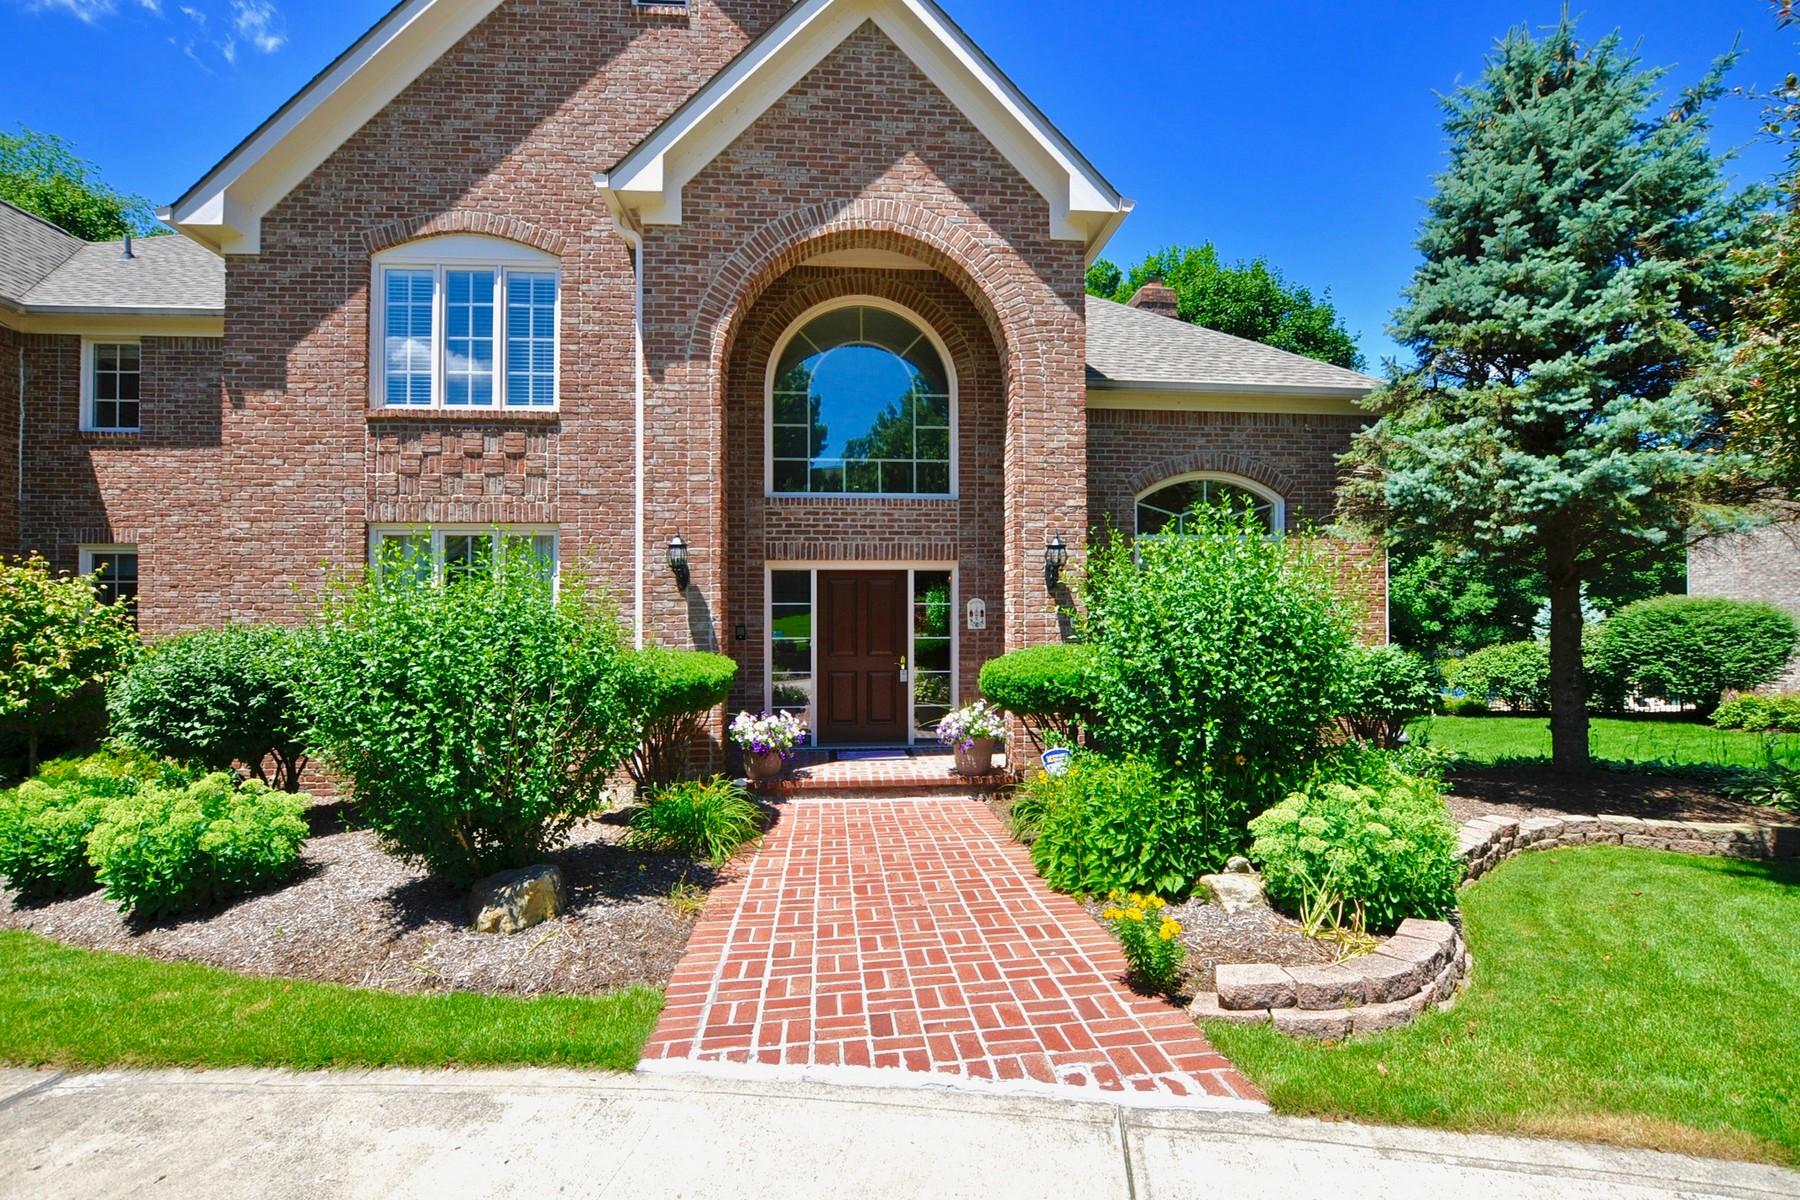 Moradia para Venda às Classic Waterstone Home 12024 Windpointe Pass Carmel, Indiana, 46033 Estados Unidos